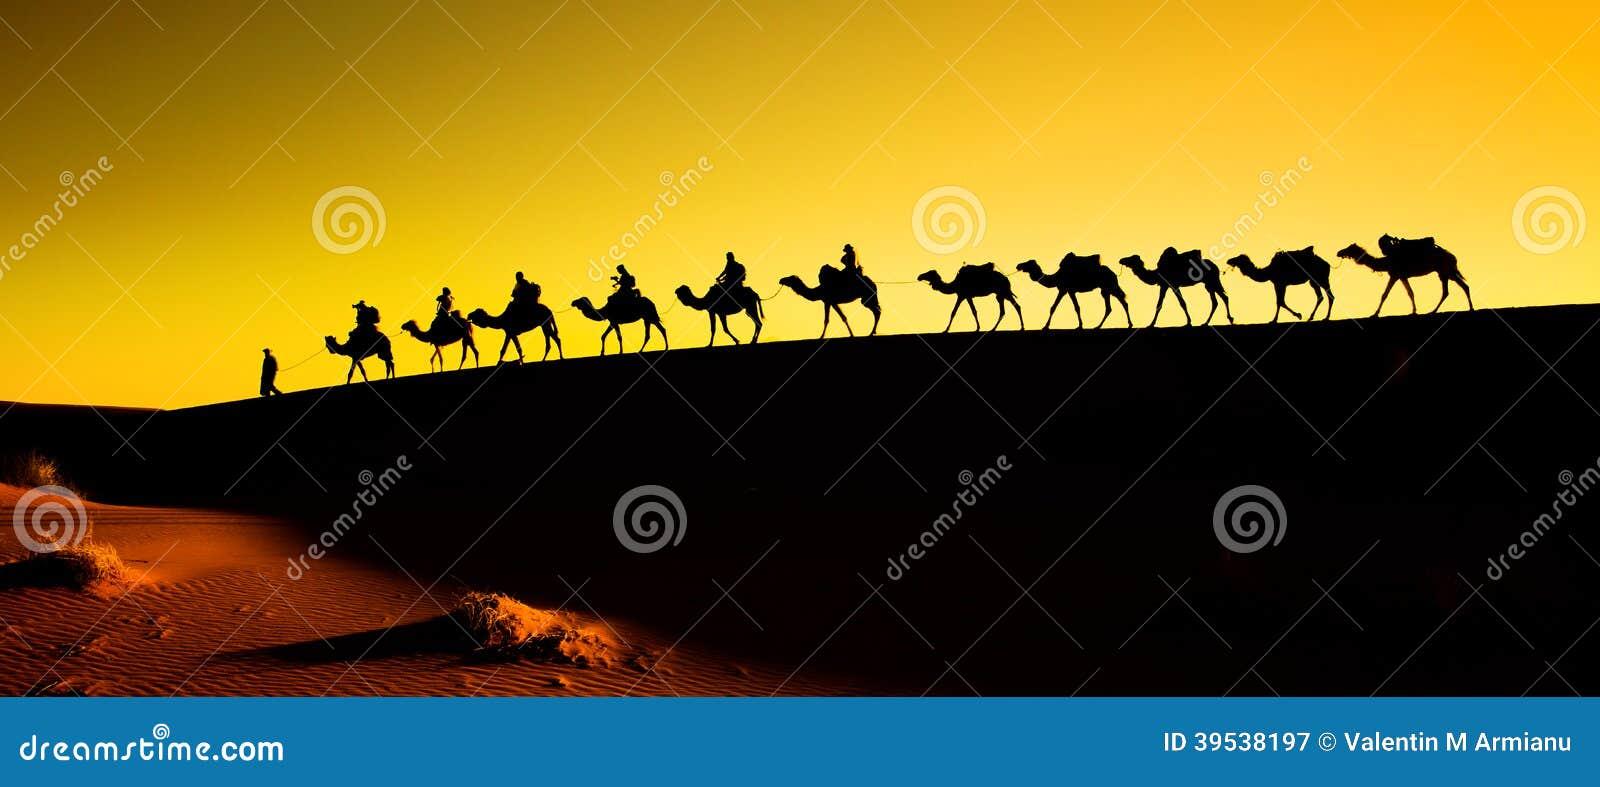 Silhouet van een kameelcaravan